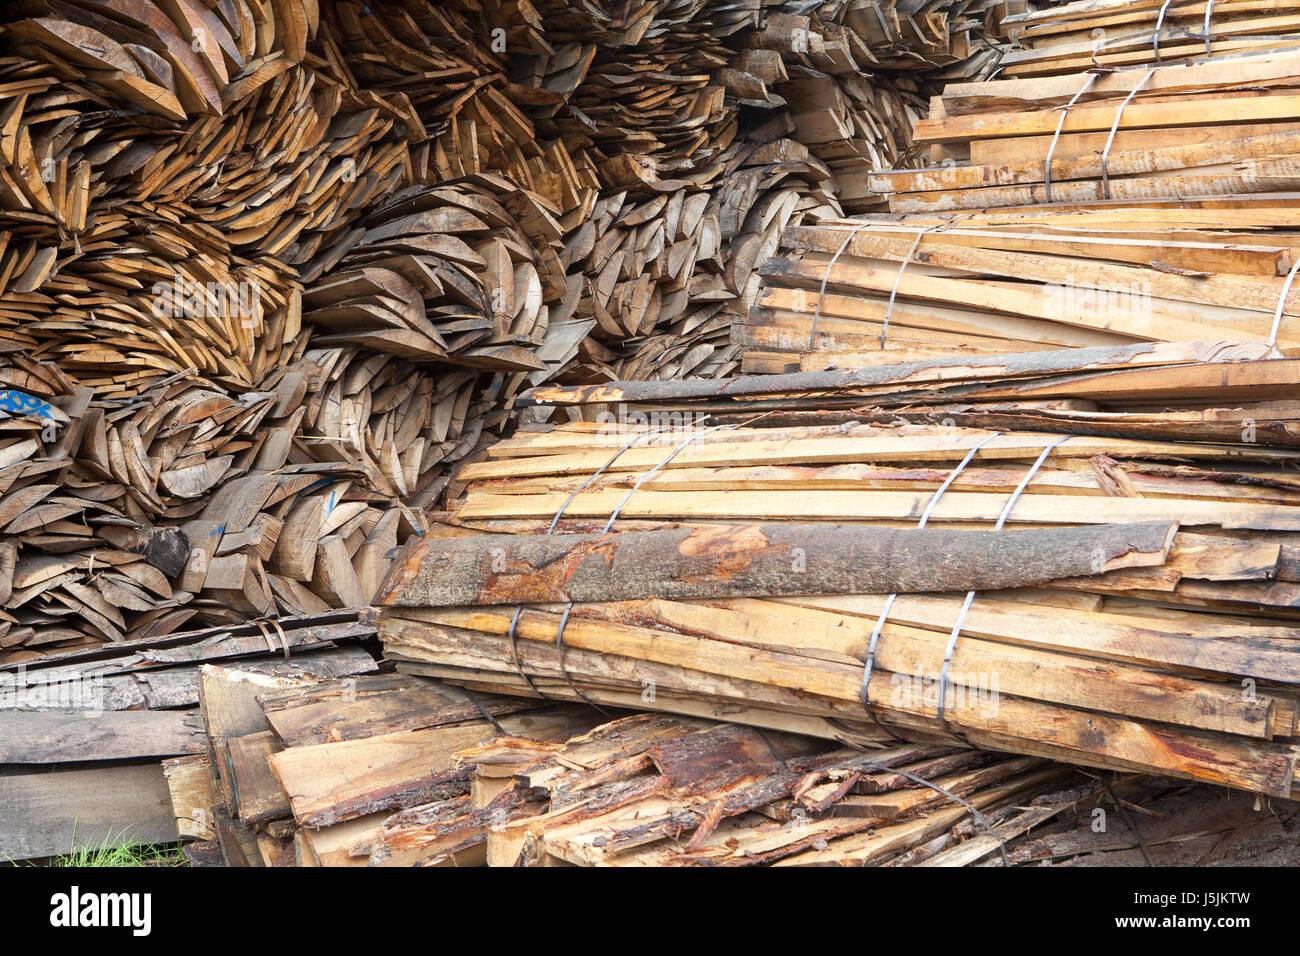 Pile de bois de hêtre, Allemagne Photo Stock